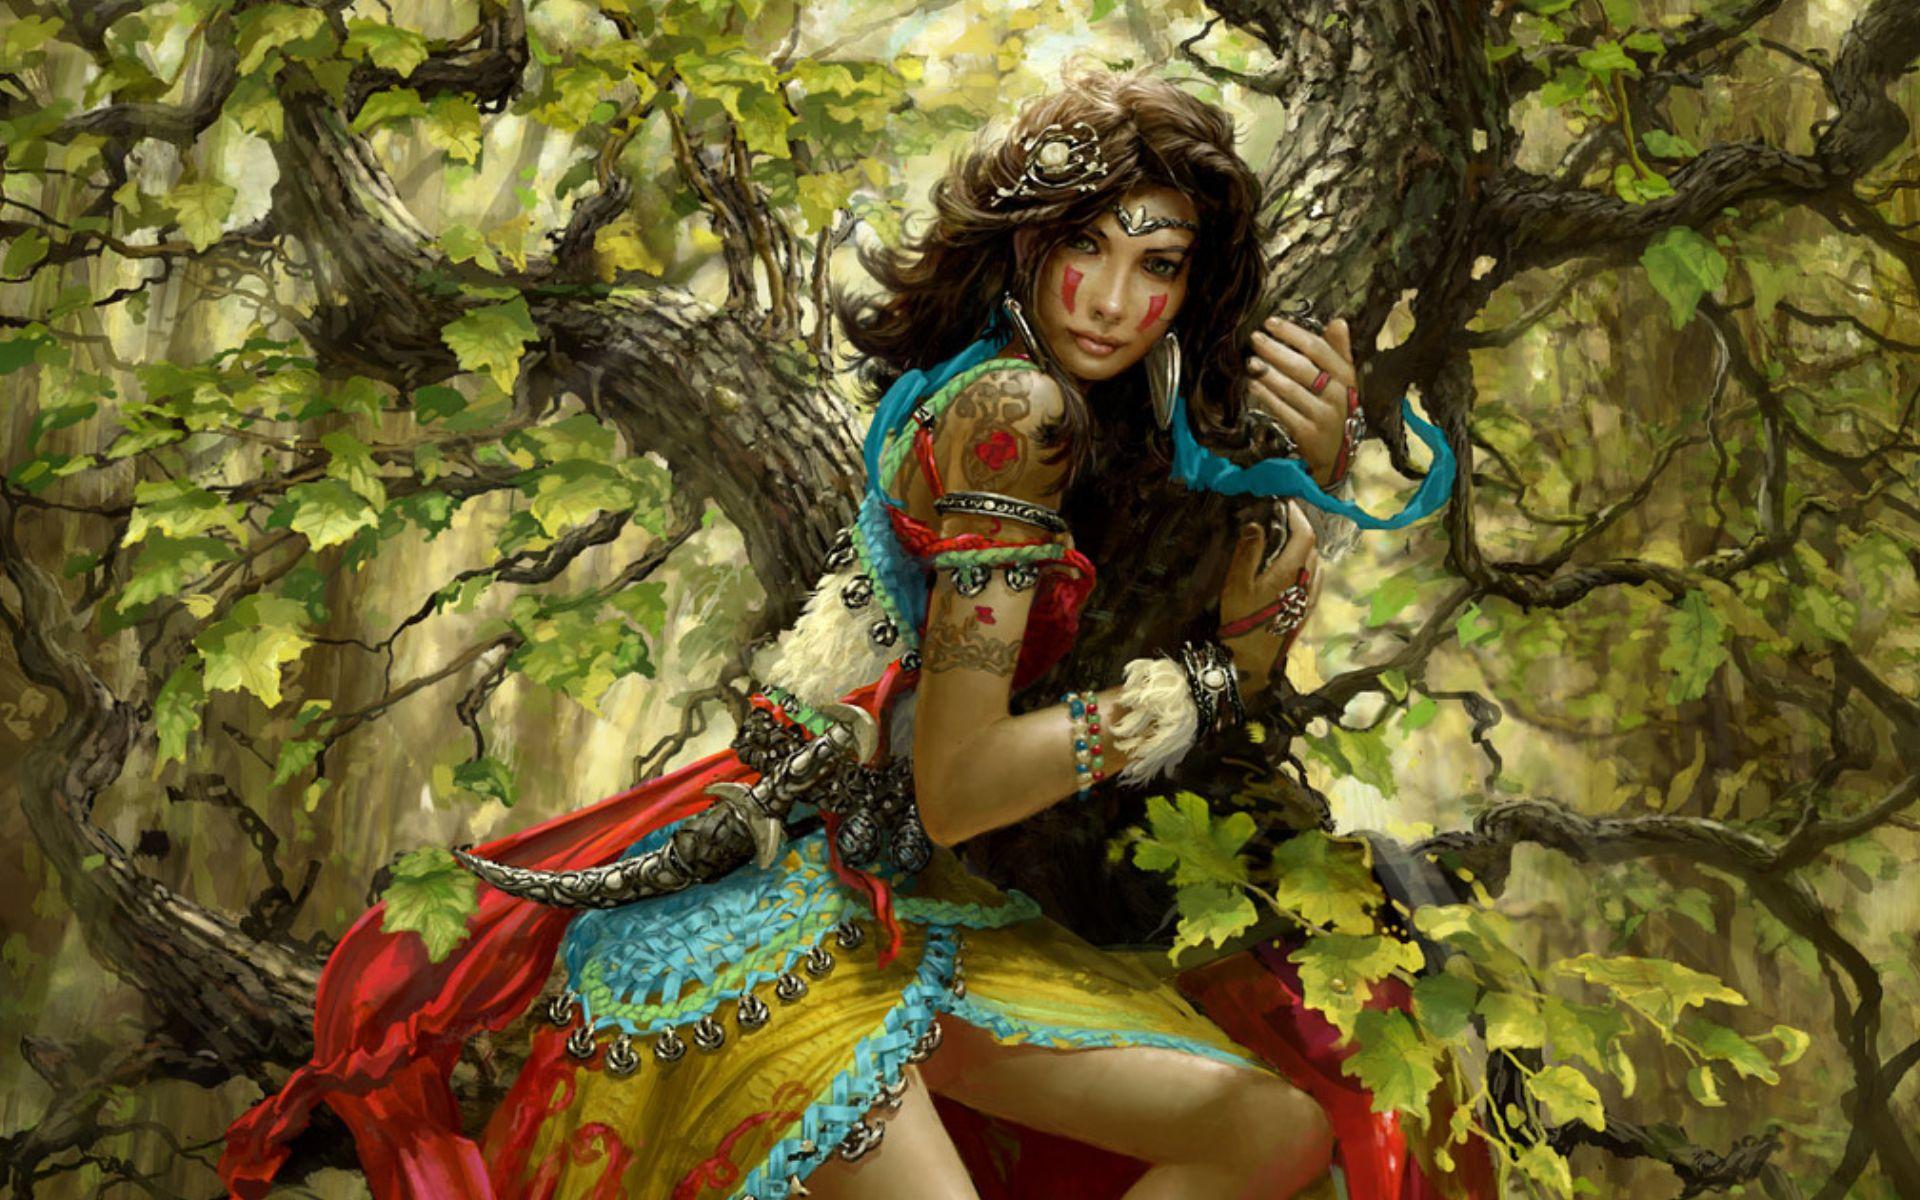 Erotic fantasy babe art hentia scenes